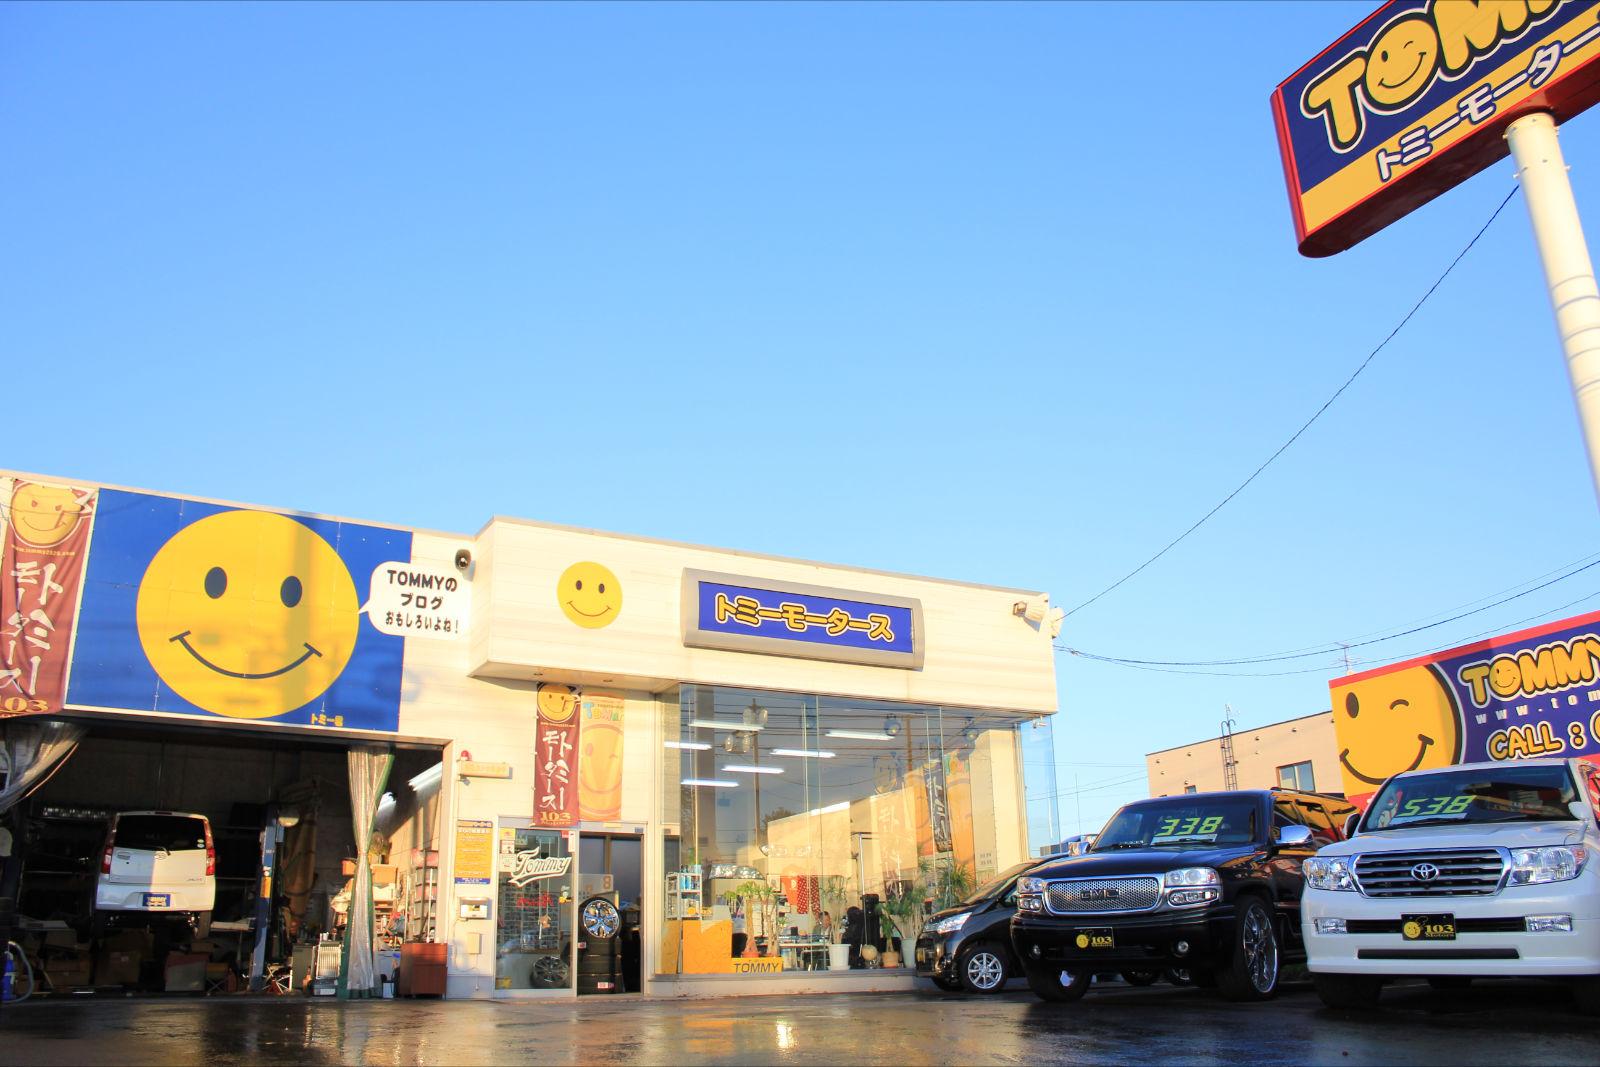 中古自動車販売士のいるお店 トミーモータース TOMMY ランクル札幌店_b0127002_2012118.jpg